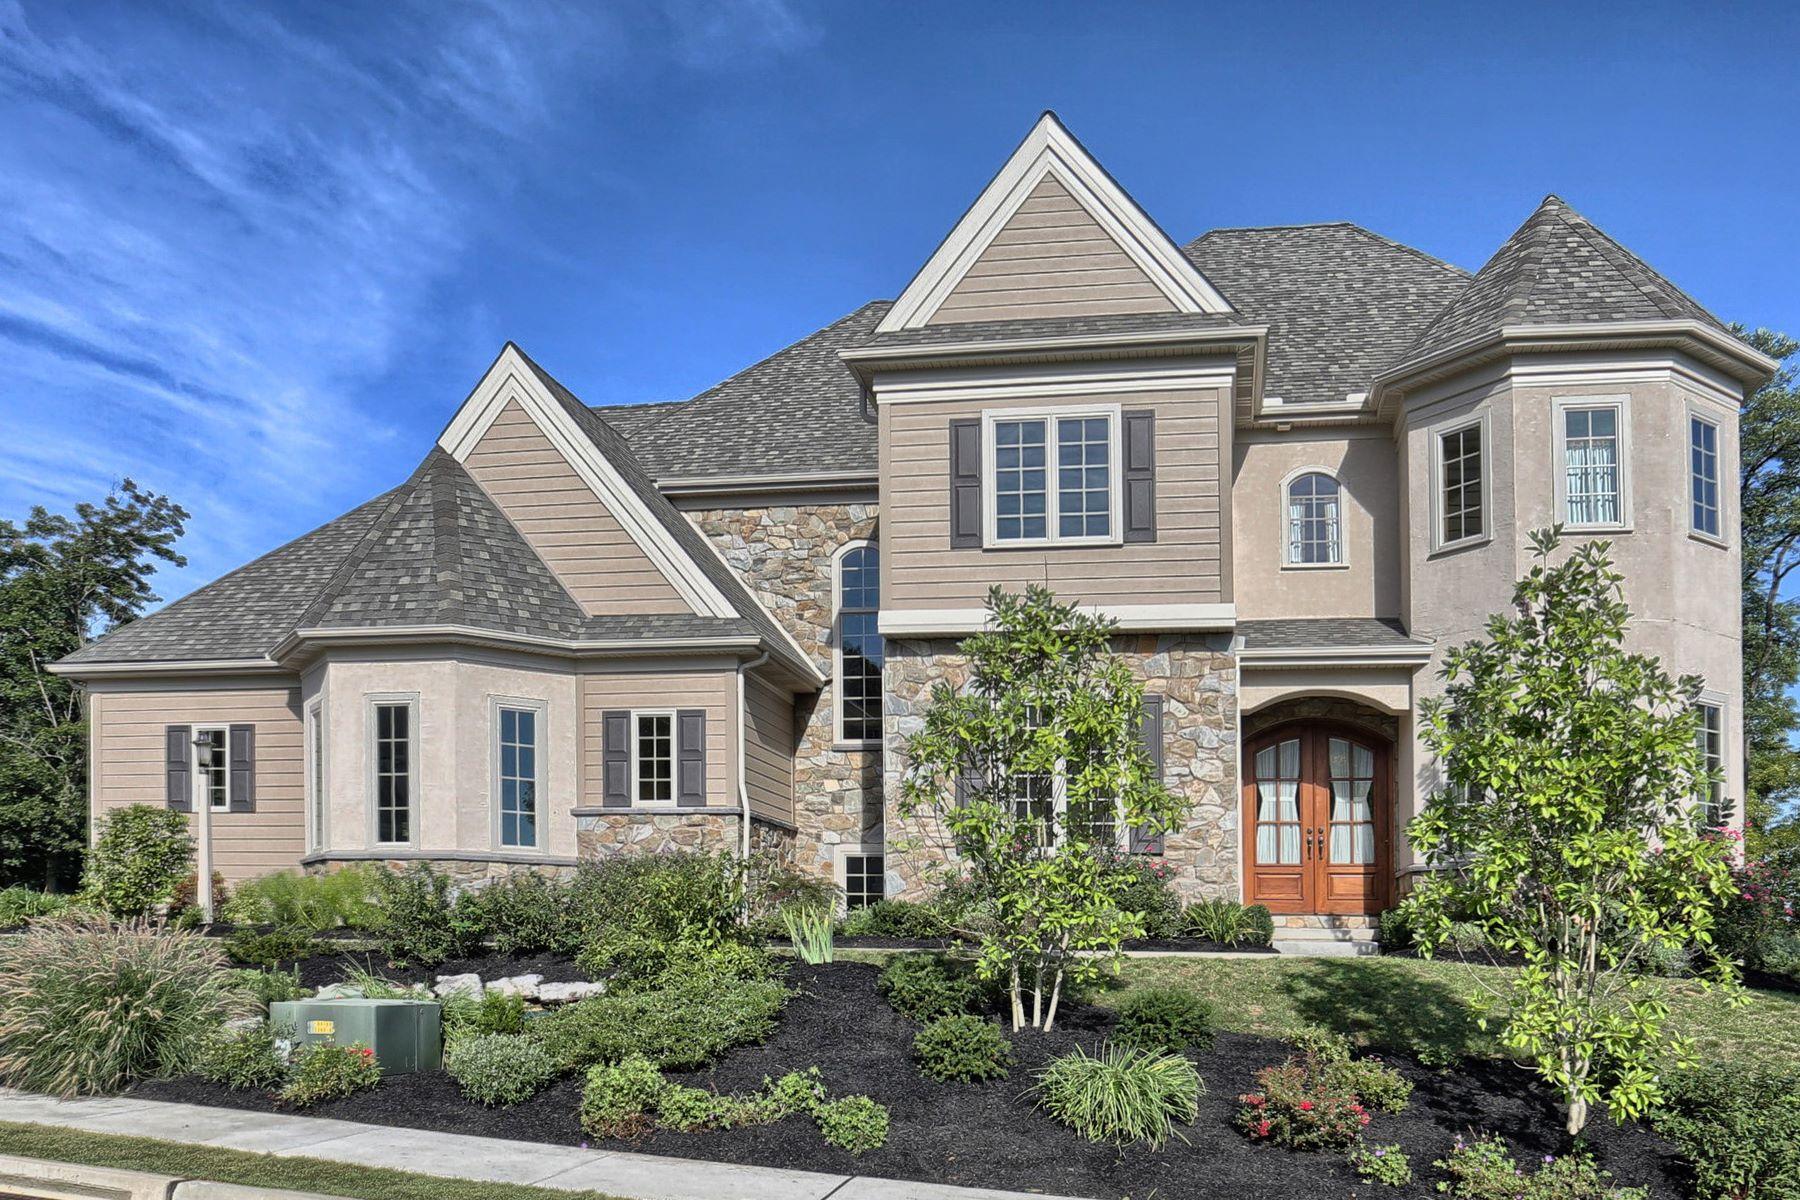 Maison unifamiliale pour l Vente à 363 Spring Haven Drive Lancaster, Pennsylvanie 17601 États-Unis